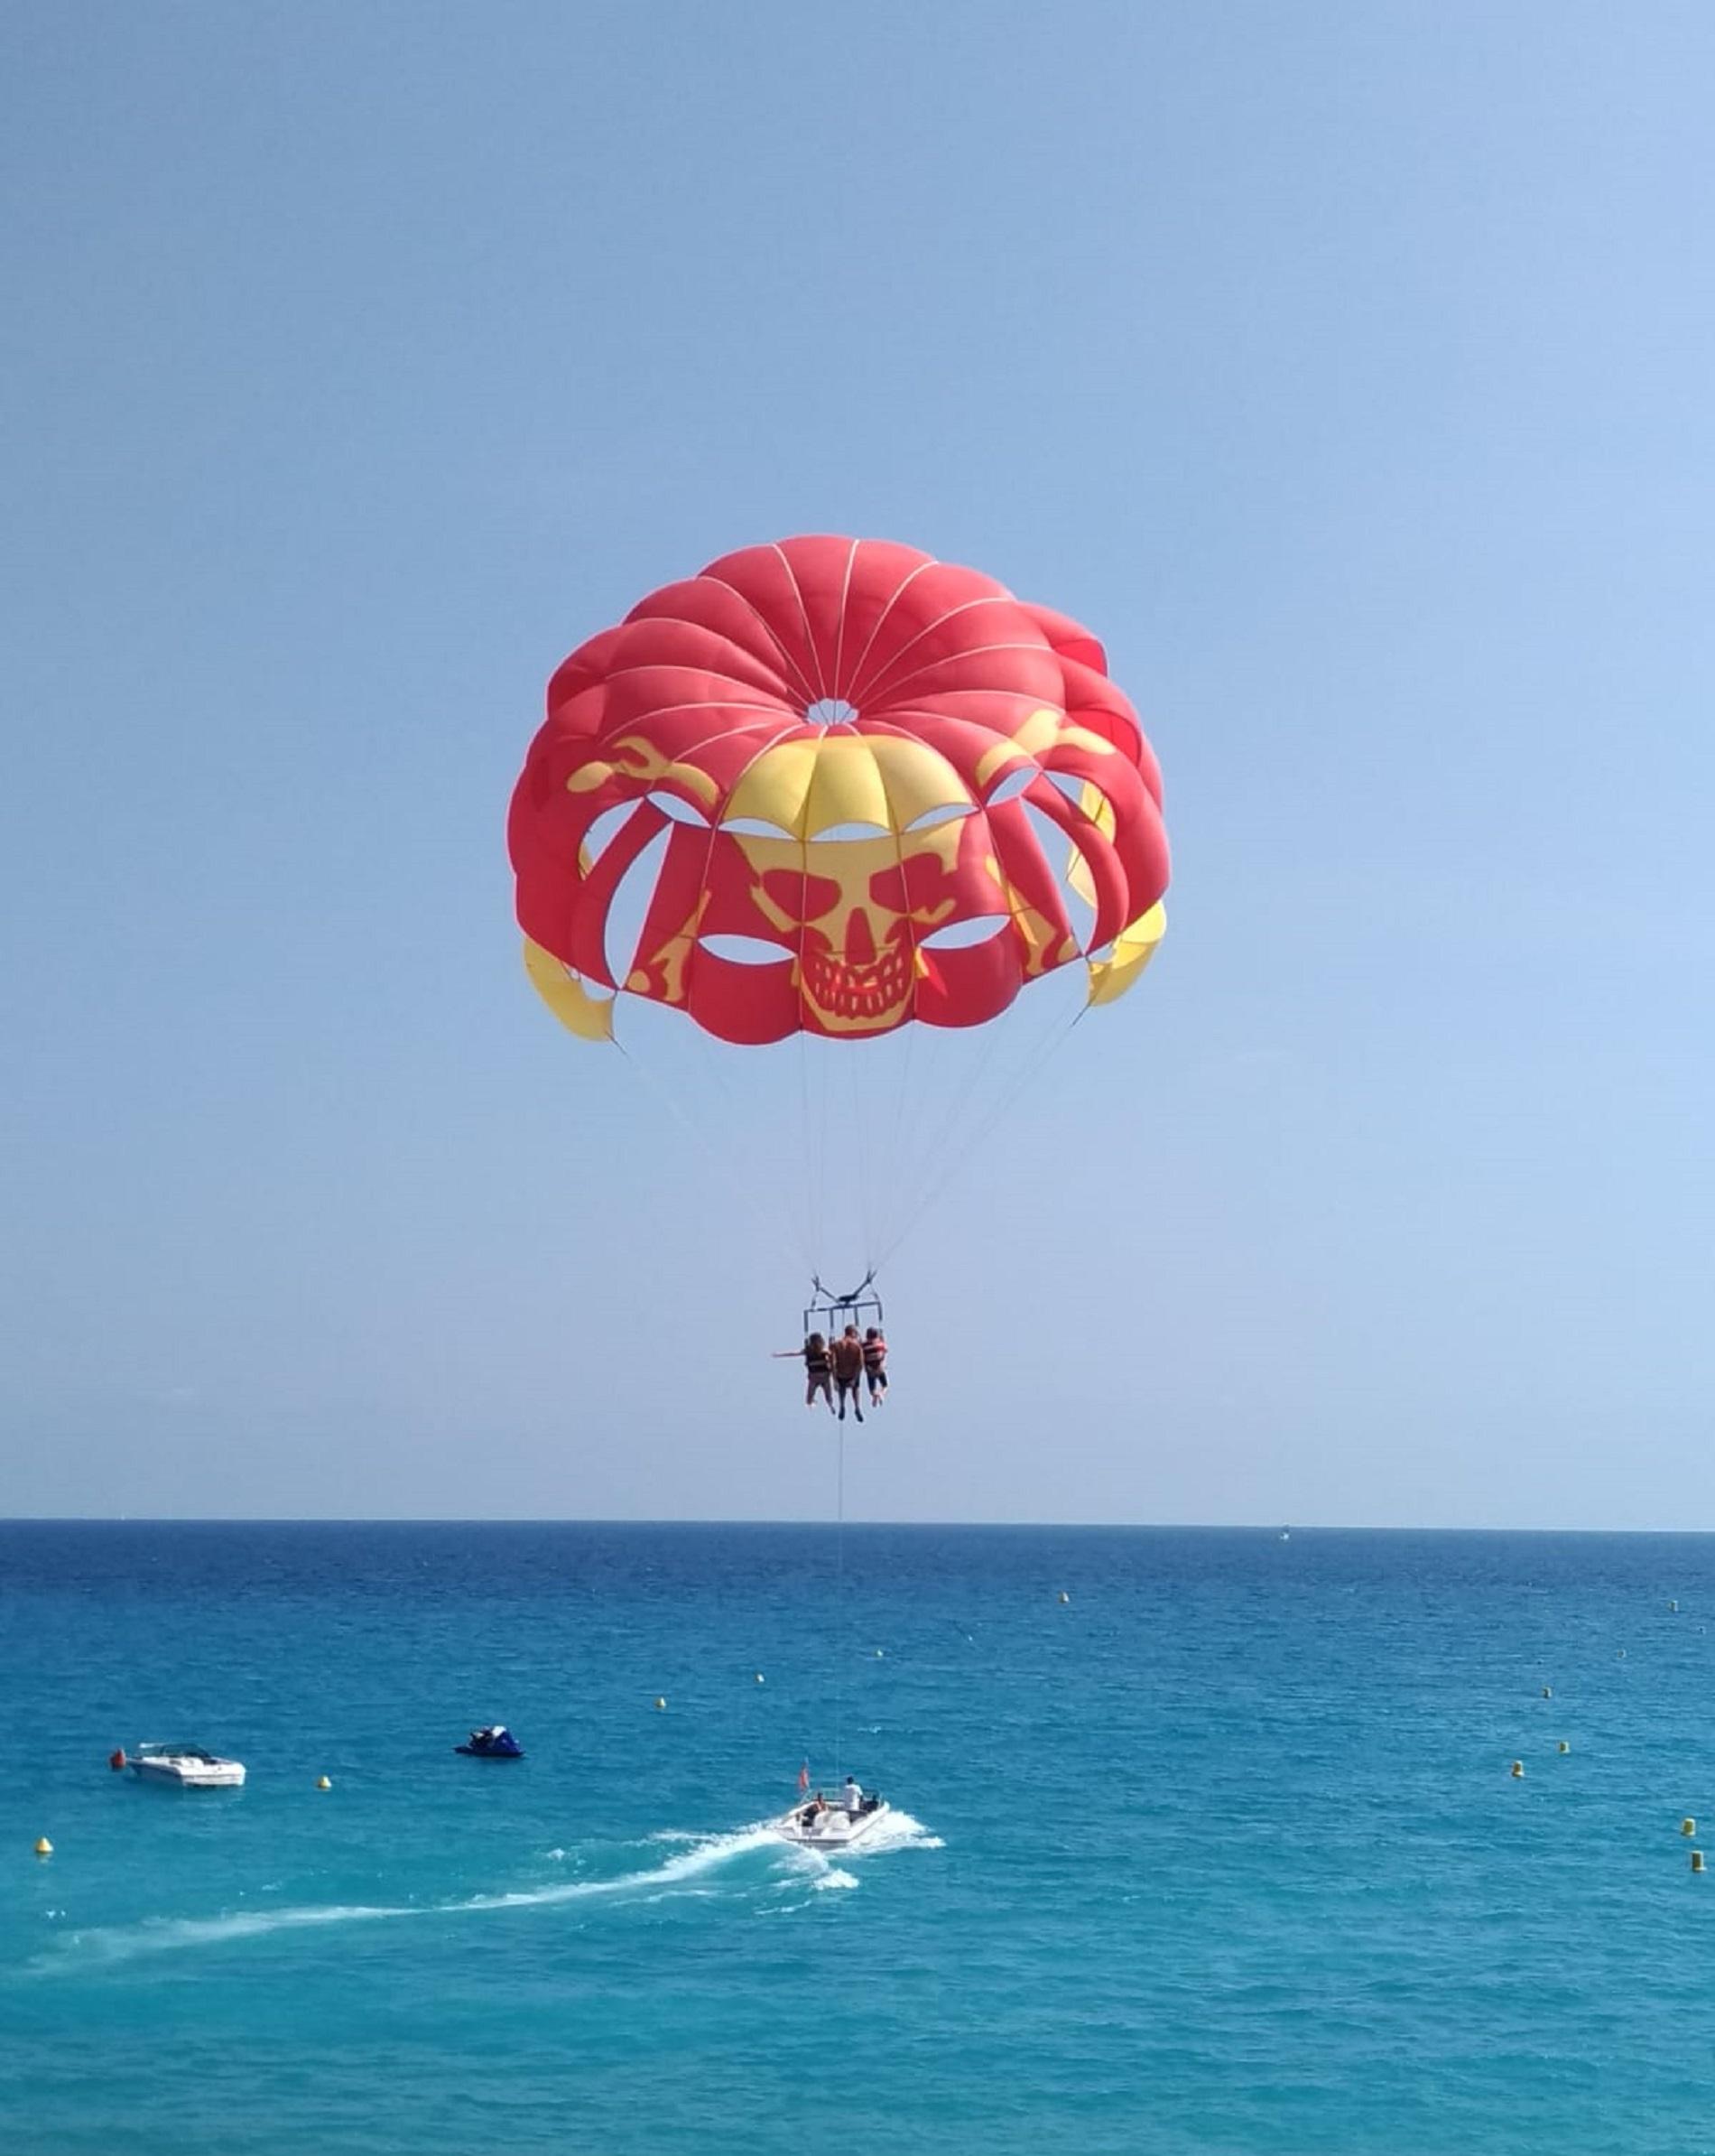 parachute_ascentionnel